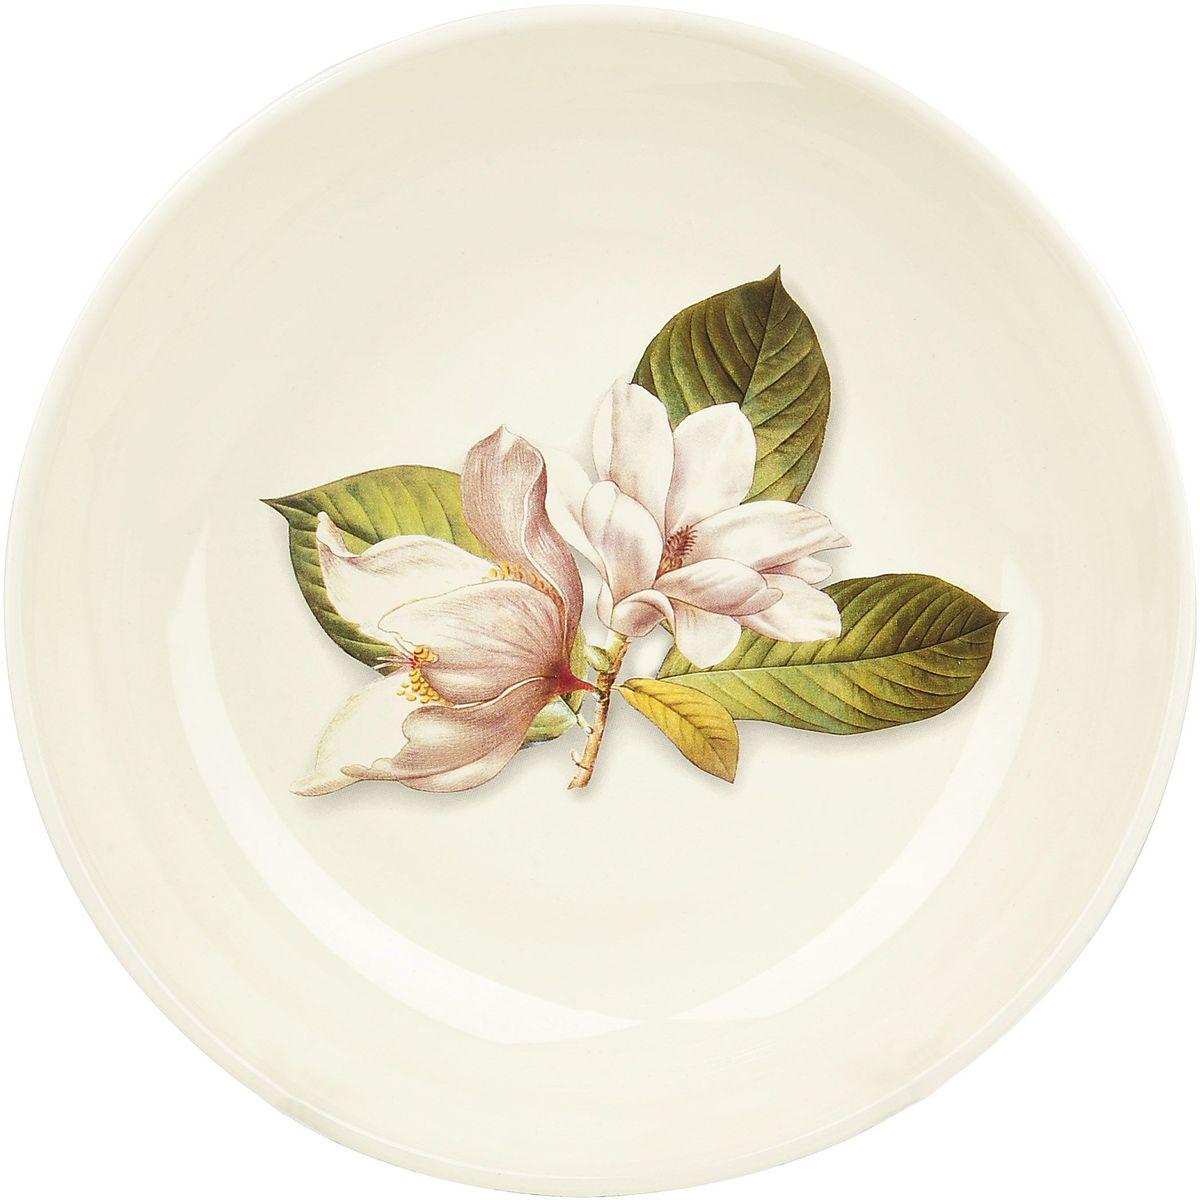 Тарелка обеденная ENS Group Танго Магнолия, диаметр 27 см0910011Тарелка Танго Магнолия, изготовленная из высококачественного доломита, предназначена для красивой подачи различных блюд. Изделие декорировано изящным рисунком цветов и имеет изысканный внешний вид. Такая тарелка украсит сервировку стола и подчеркнет прекрасный вкус хозяйки.